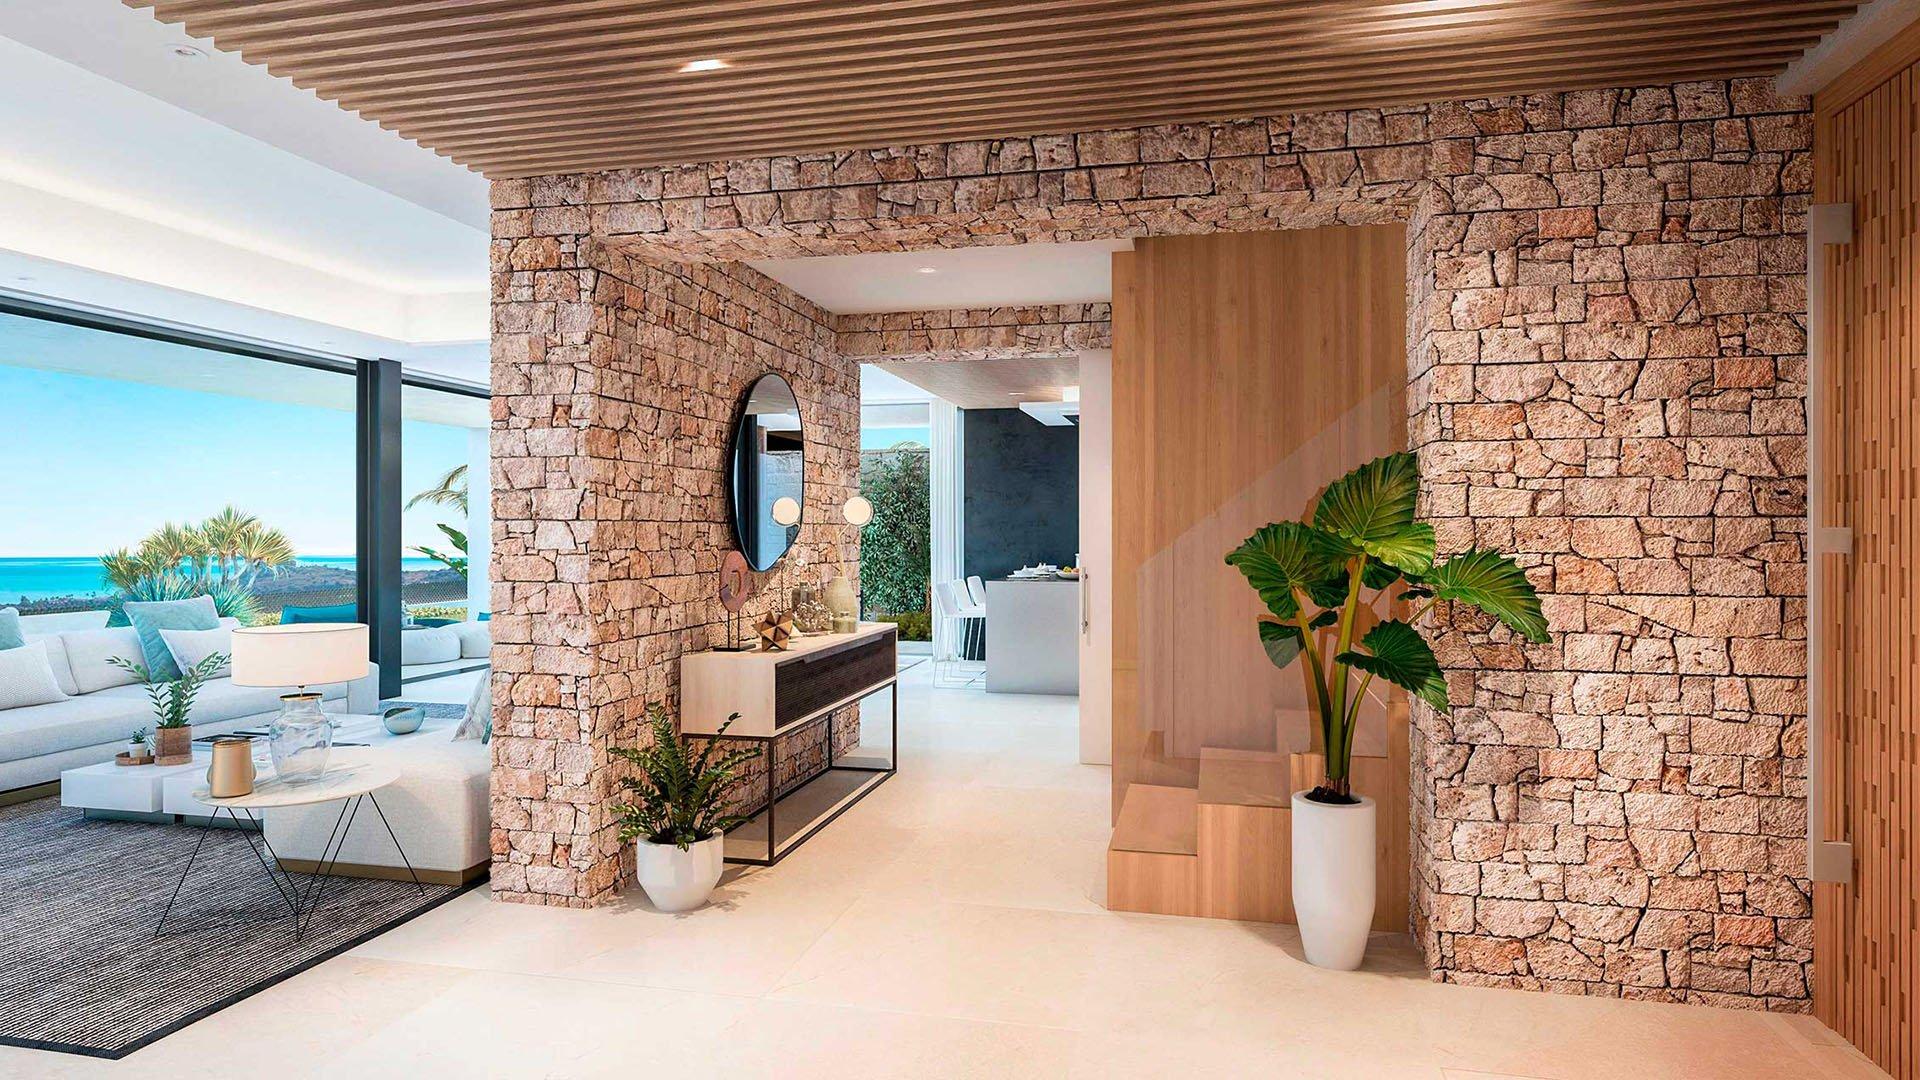 Romano Golf Villas: Beautifully located villas close to Estepona